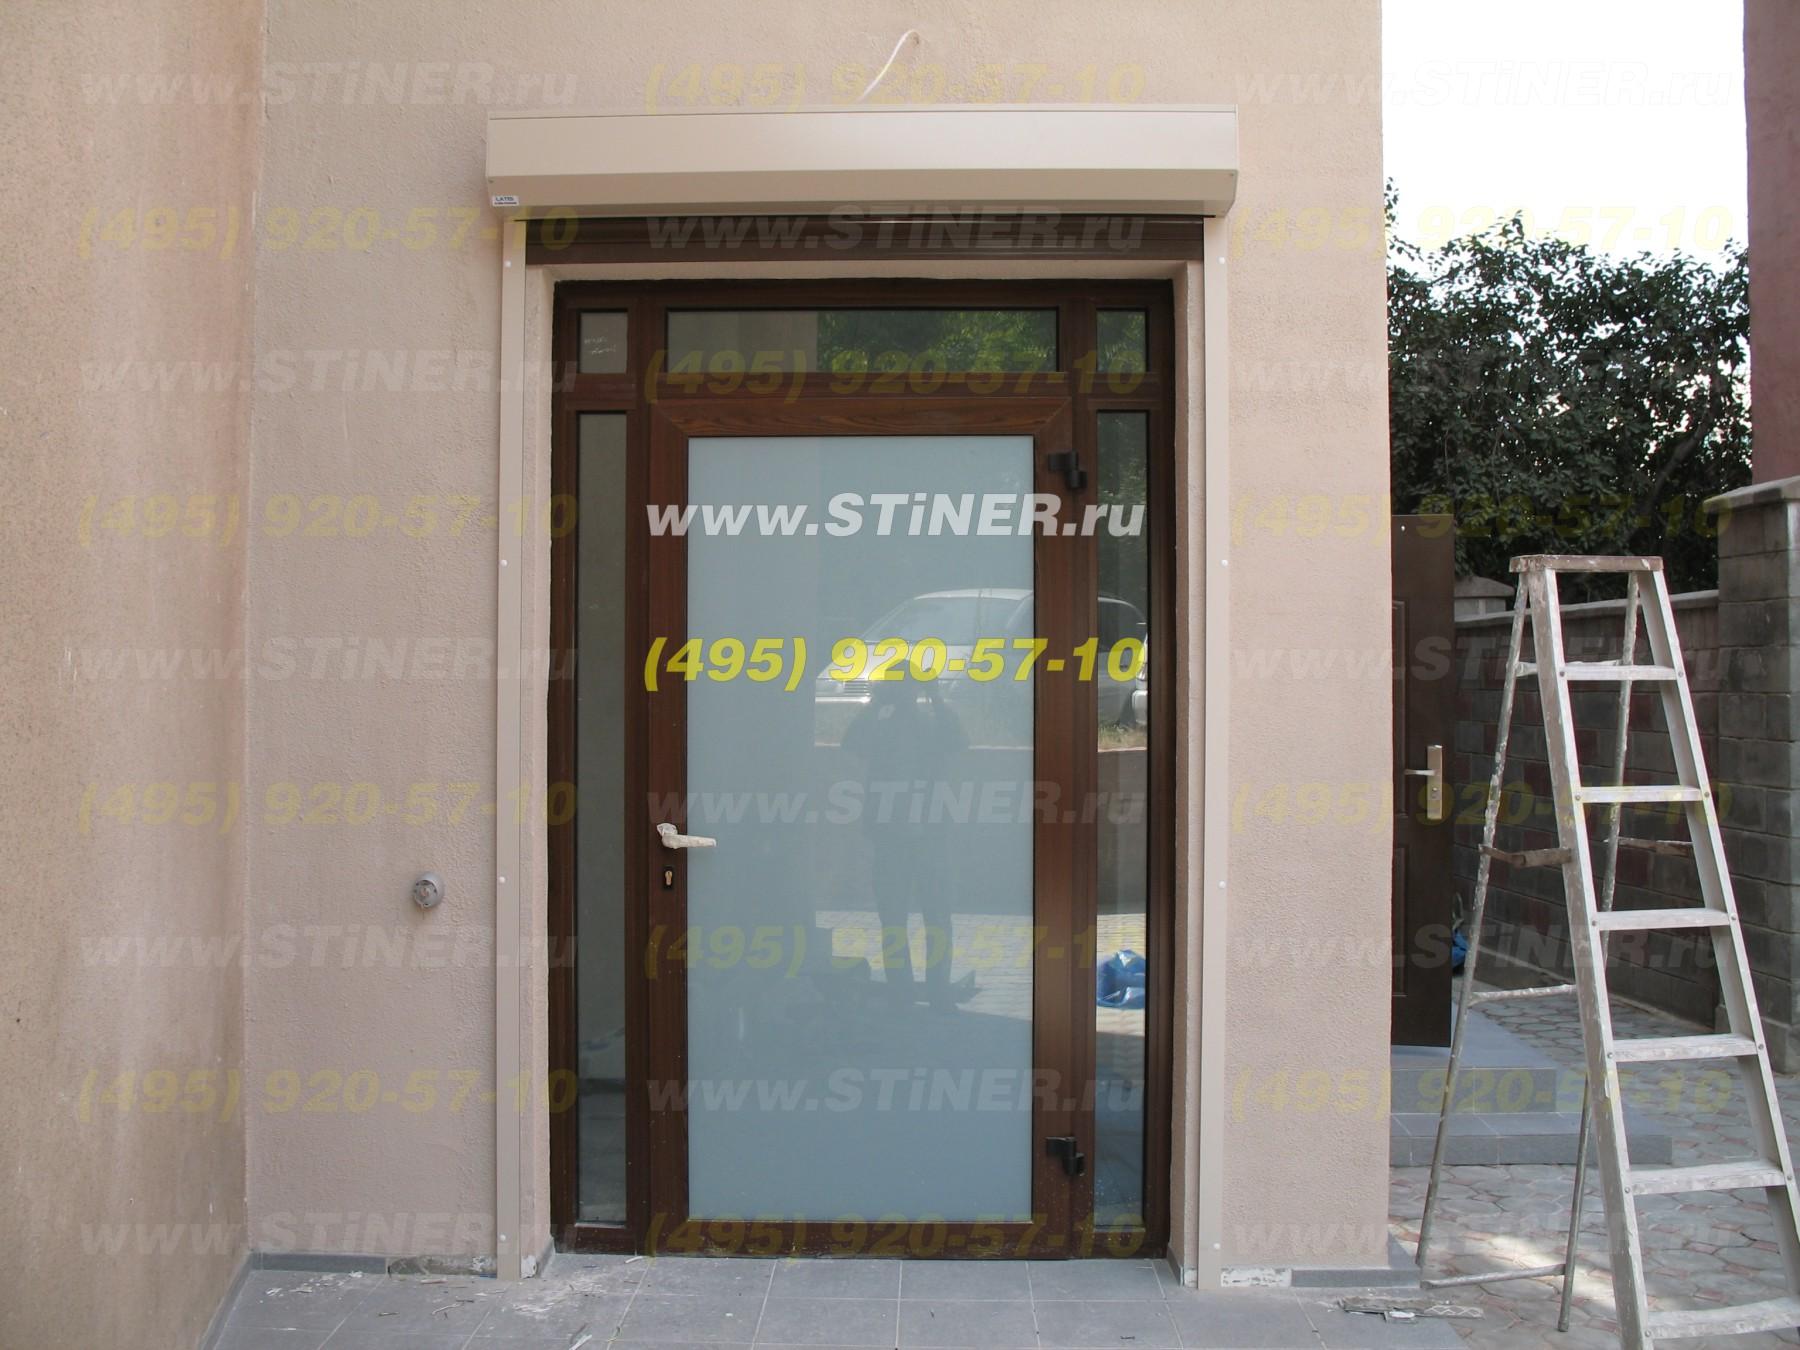 Ролставни для входной двери частной компании с монтажом в Москве и области